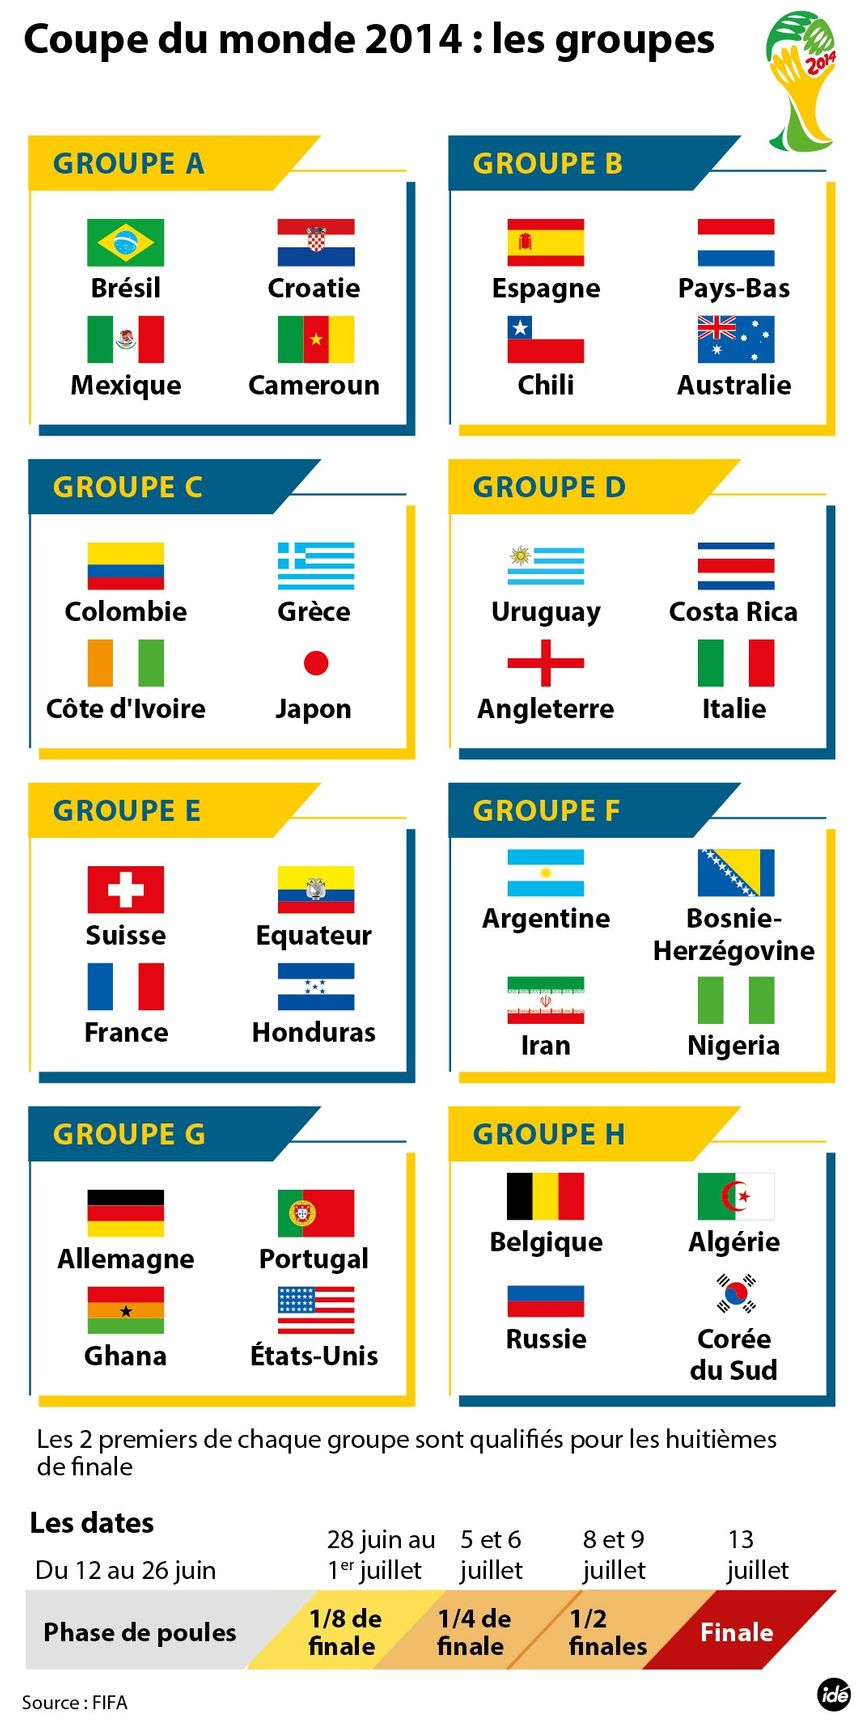 Infographie mondial 2014 d couvrez les groupes de la coupe du monde au br sil - Groupes coupe du monde 2014 ...